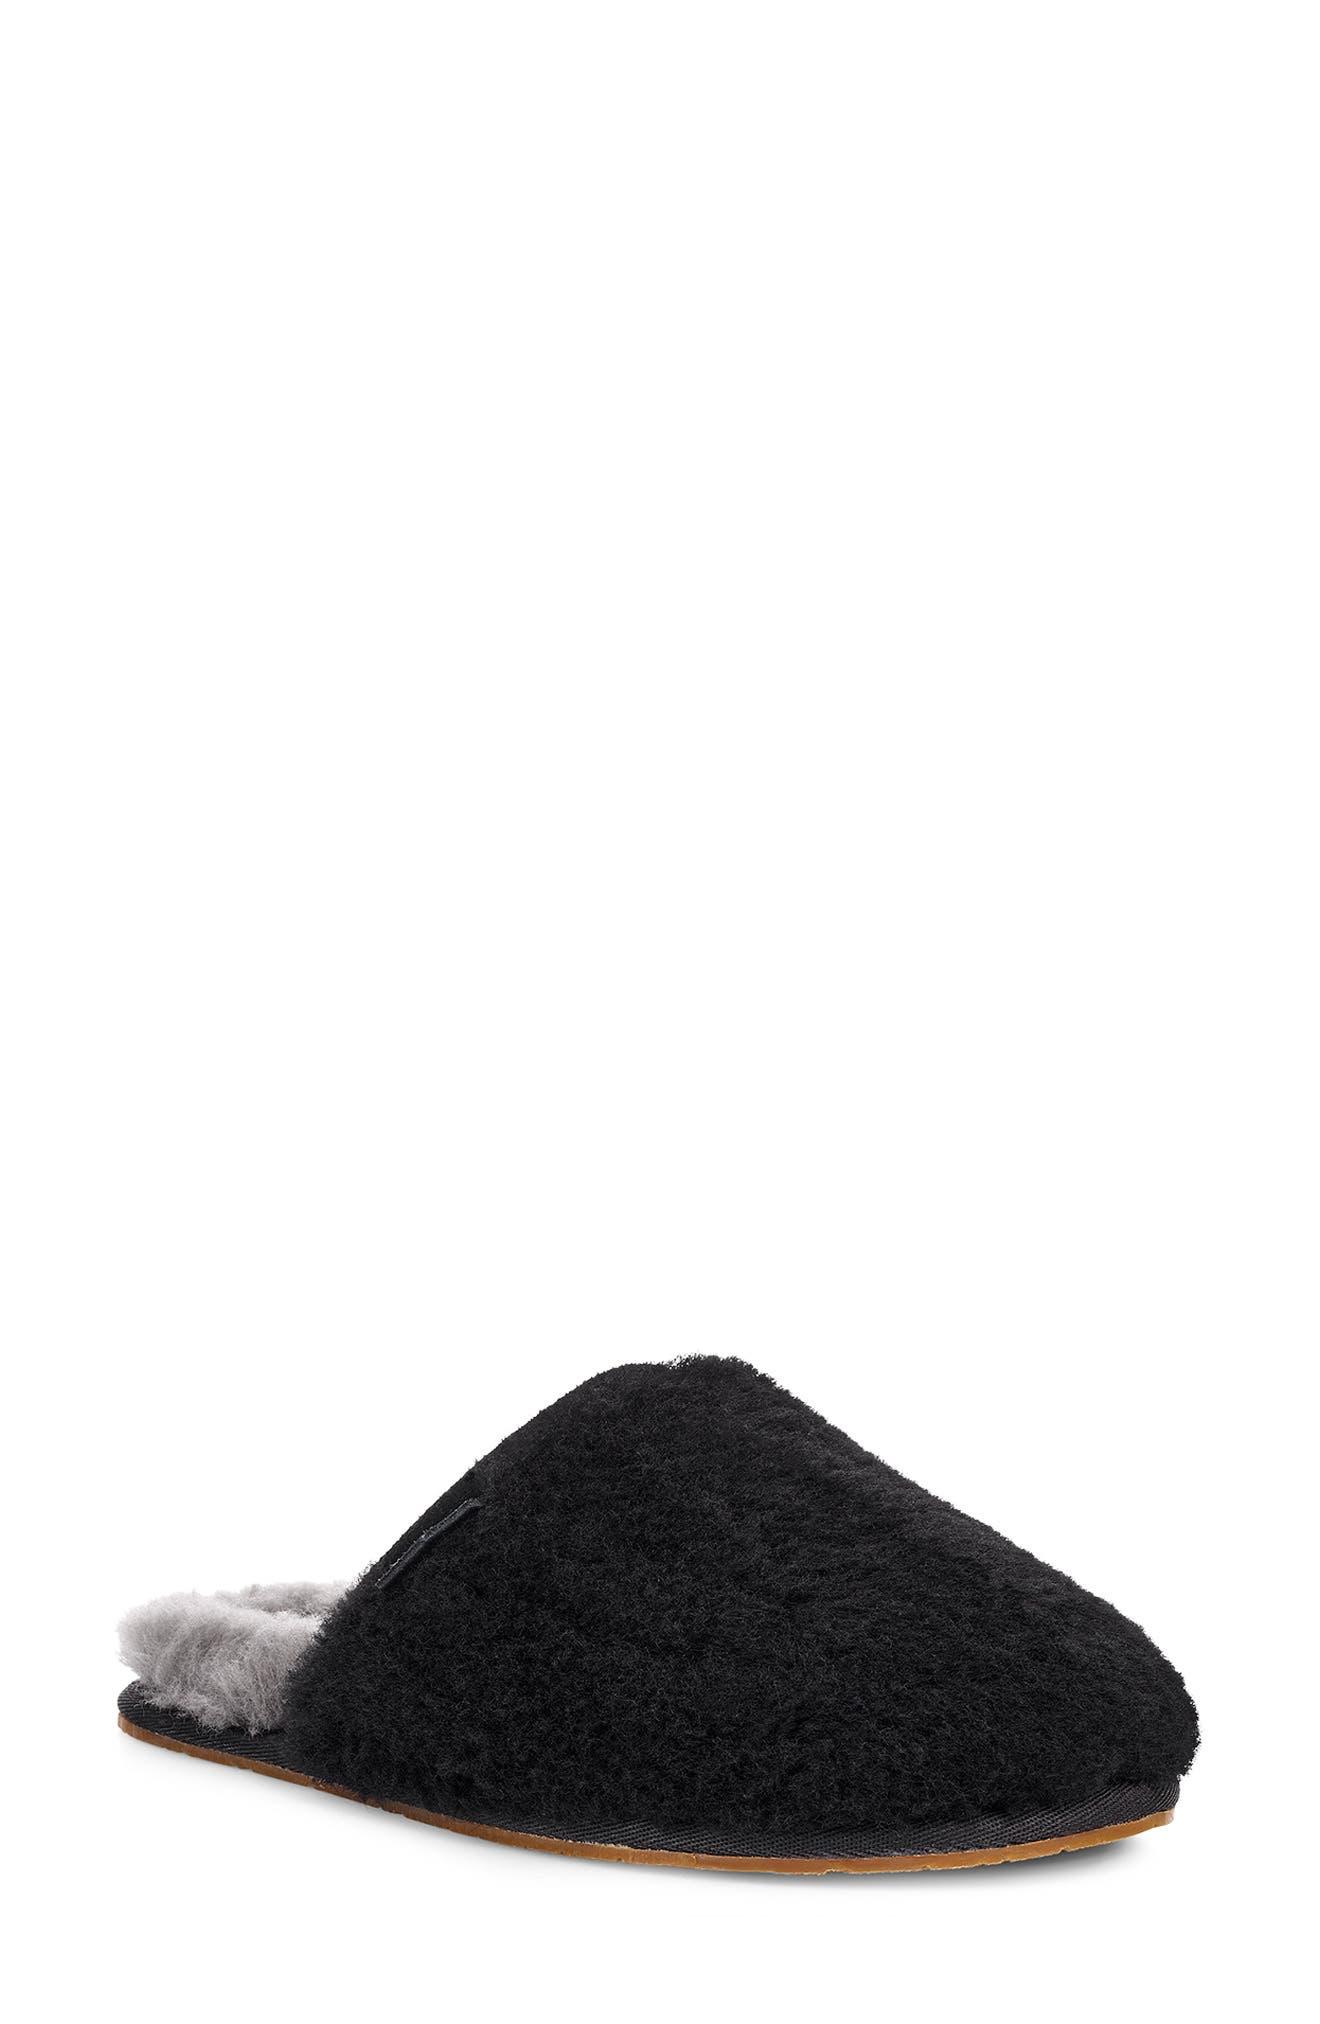 Fluffette Slipper,                             Main thumbnail 1, color,                             BLACK WOOL